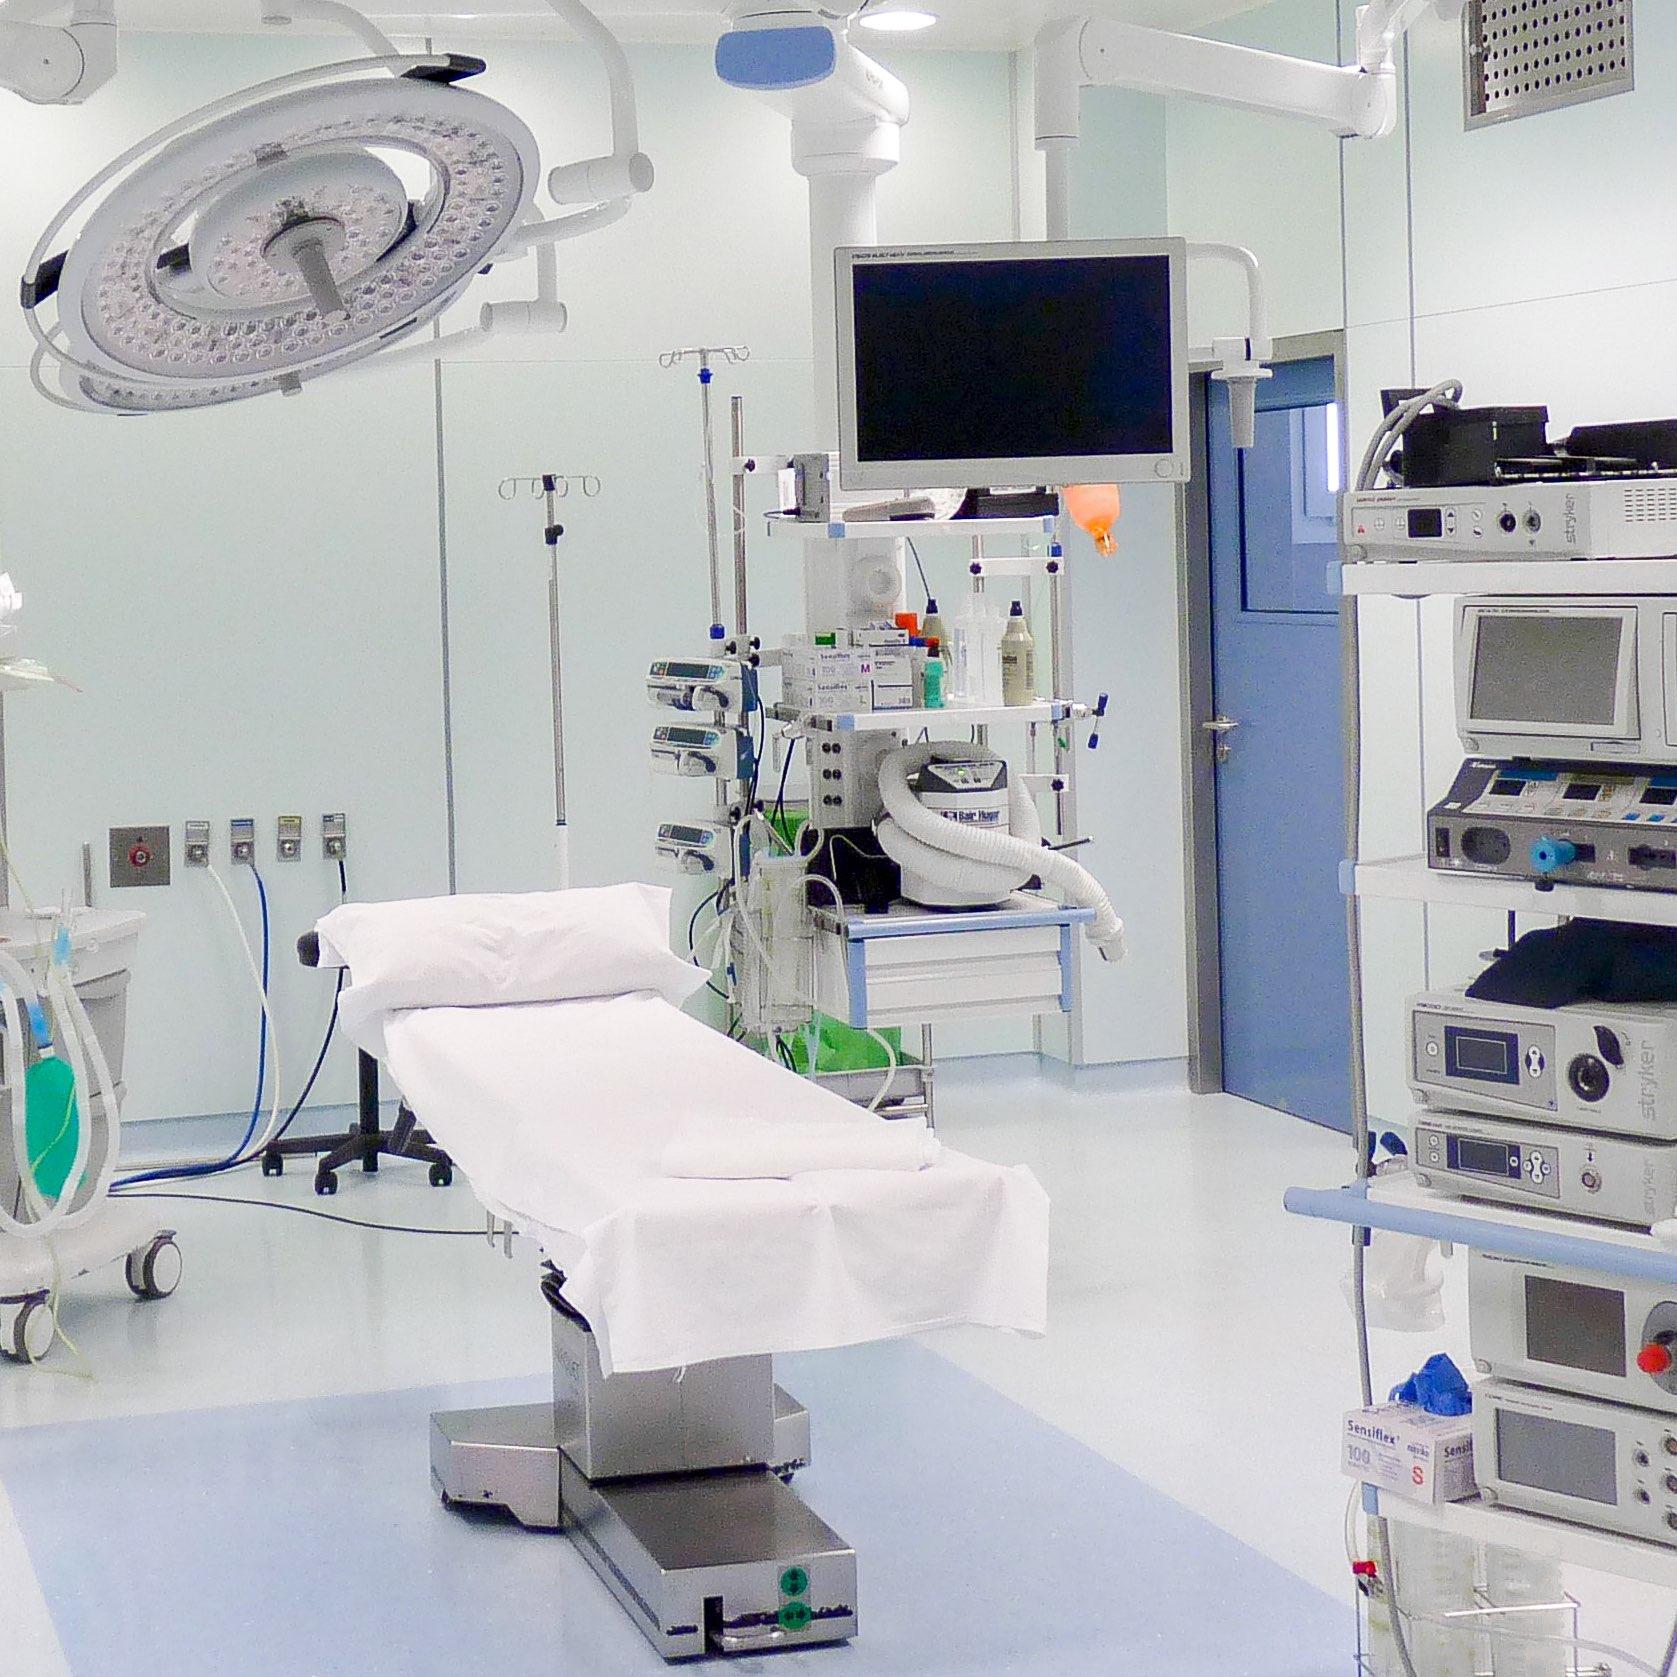 Consultas externas - Hospital de día - Hospital Santa Elena, clinica médica en Torremolinos, Málaga. Servicios sanitarios en la Costa del Sol. Más de 30 especialidades y servicio de urgencia